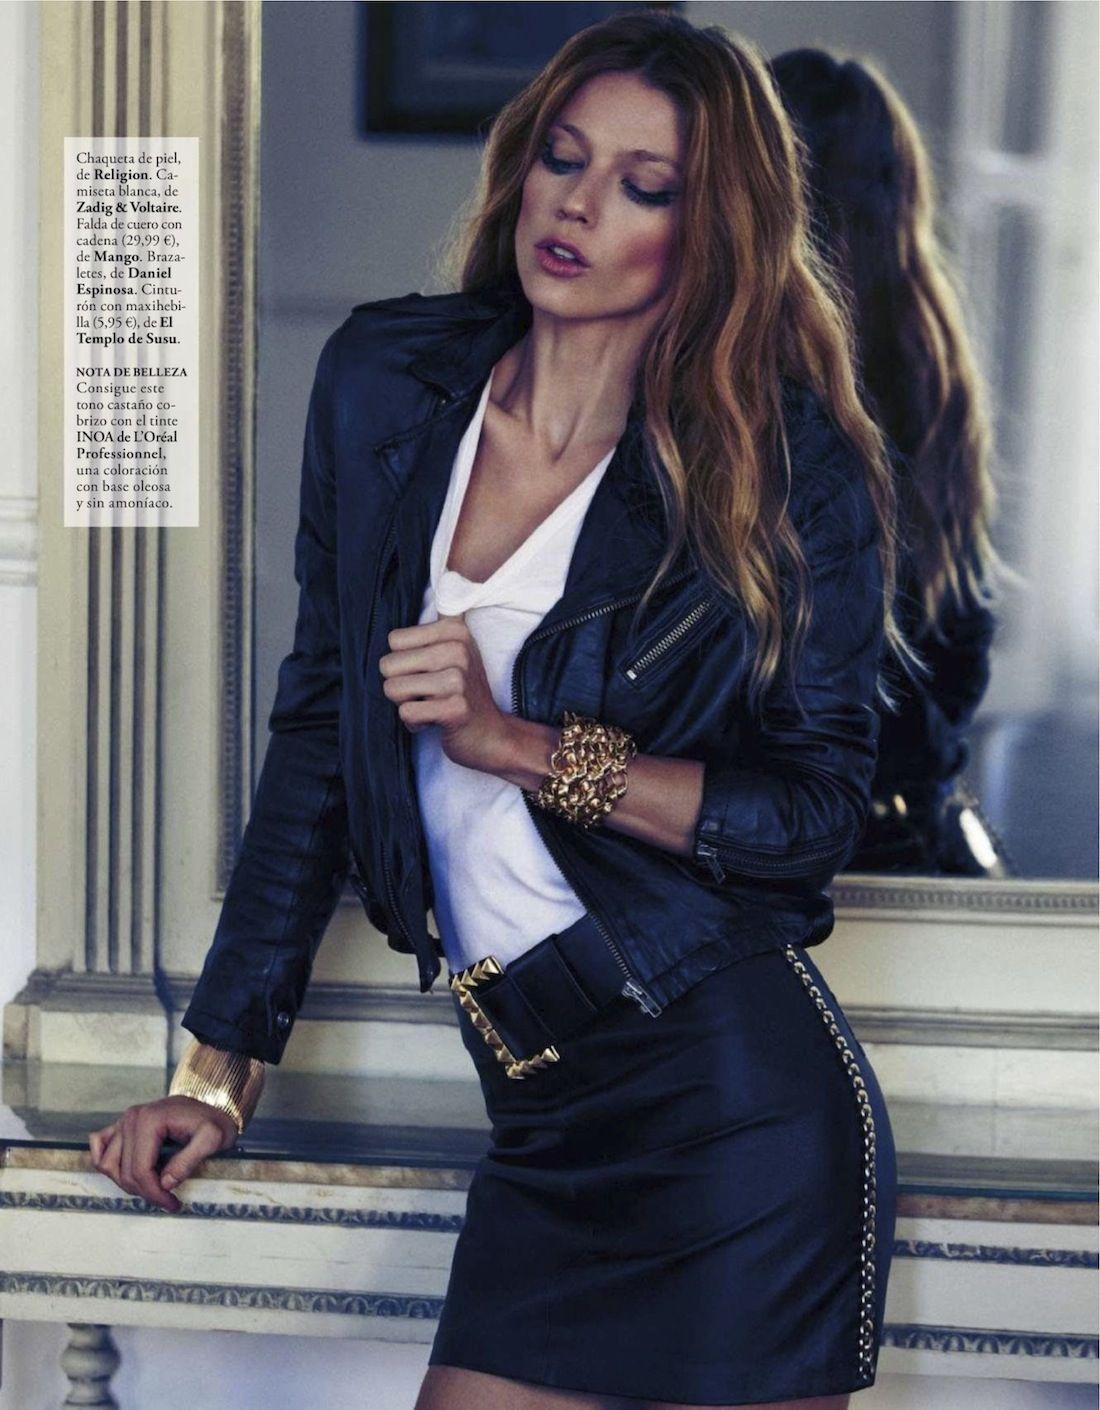 Masha-Novoselova-Xavi-Gordo-Elle-Spain-January-2013-2